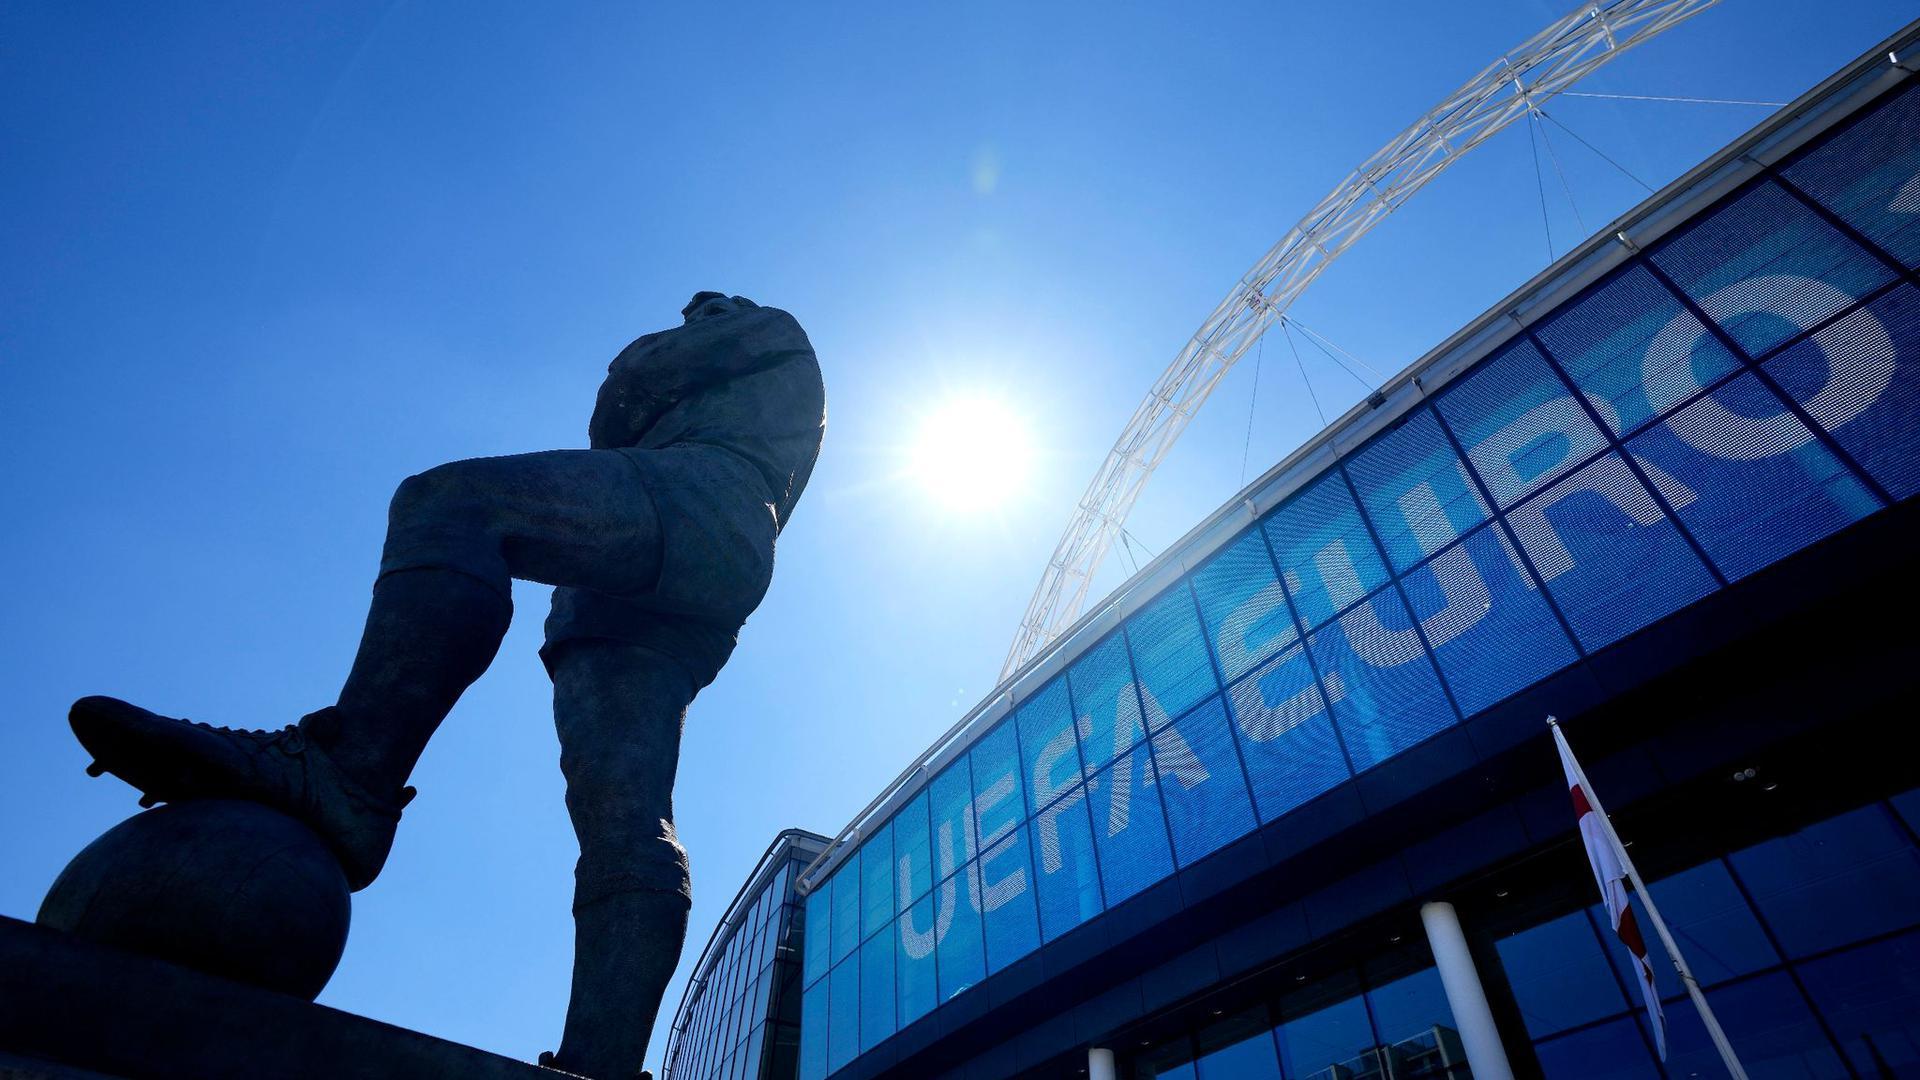 Die Statue von Englands Fußballlegende Bobby Moore steht vor dem UEFA-Euro-Schild am Eingang des Wembley-Stadions.